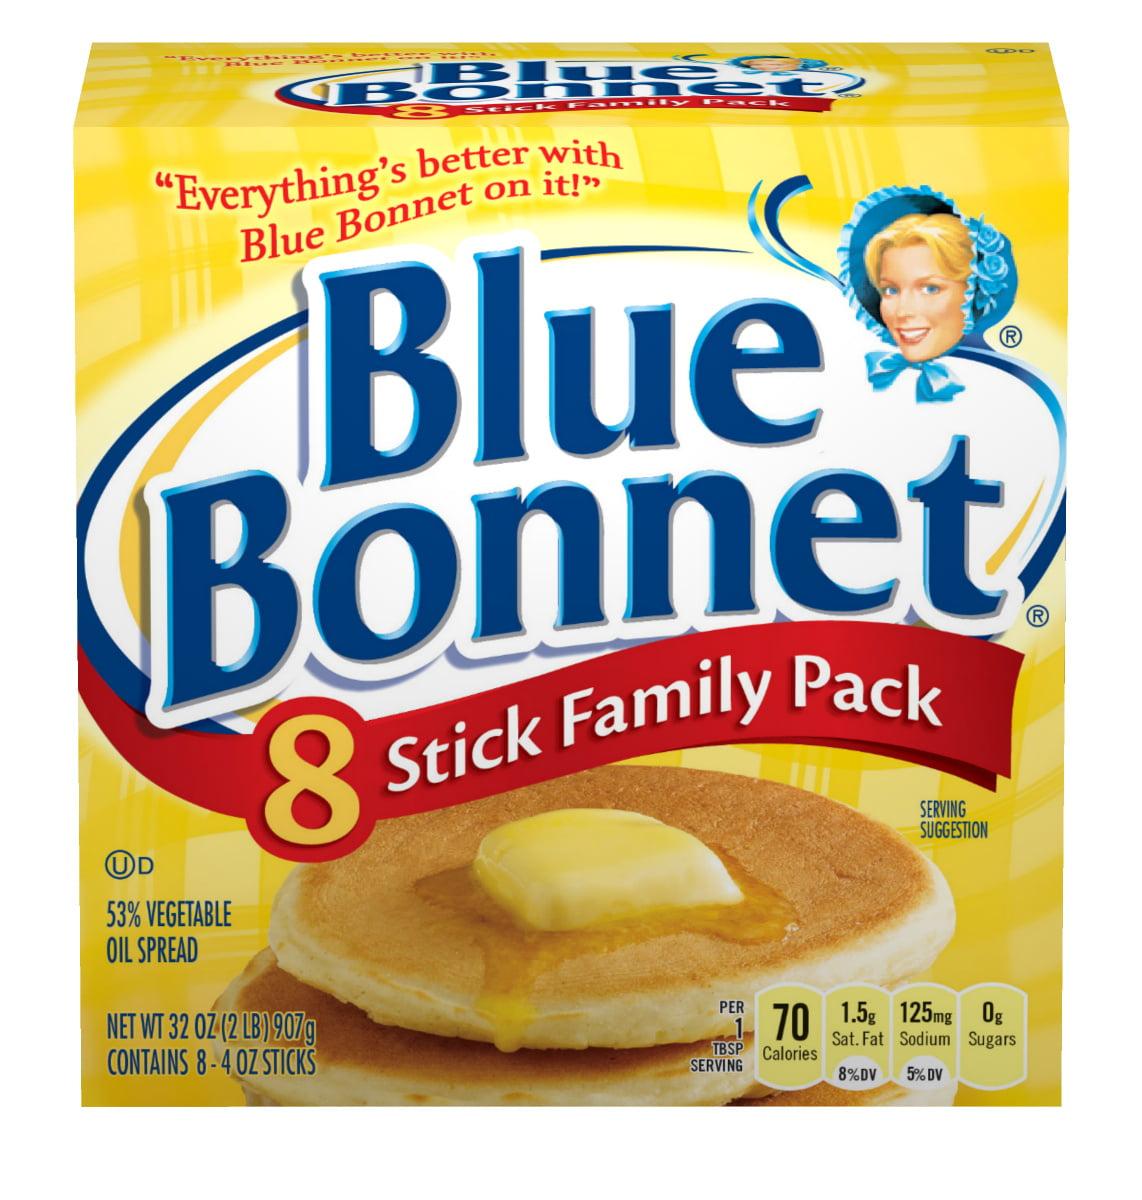 Blue Bonnet Vegetable Oil Spread Family Pack 8 Sticks 2